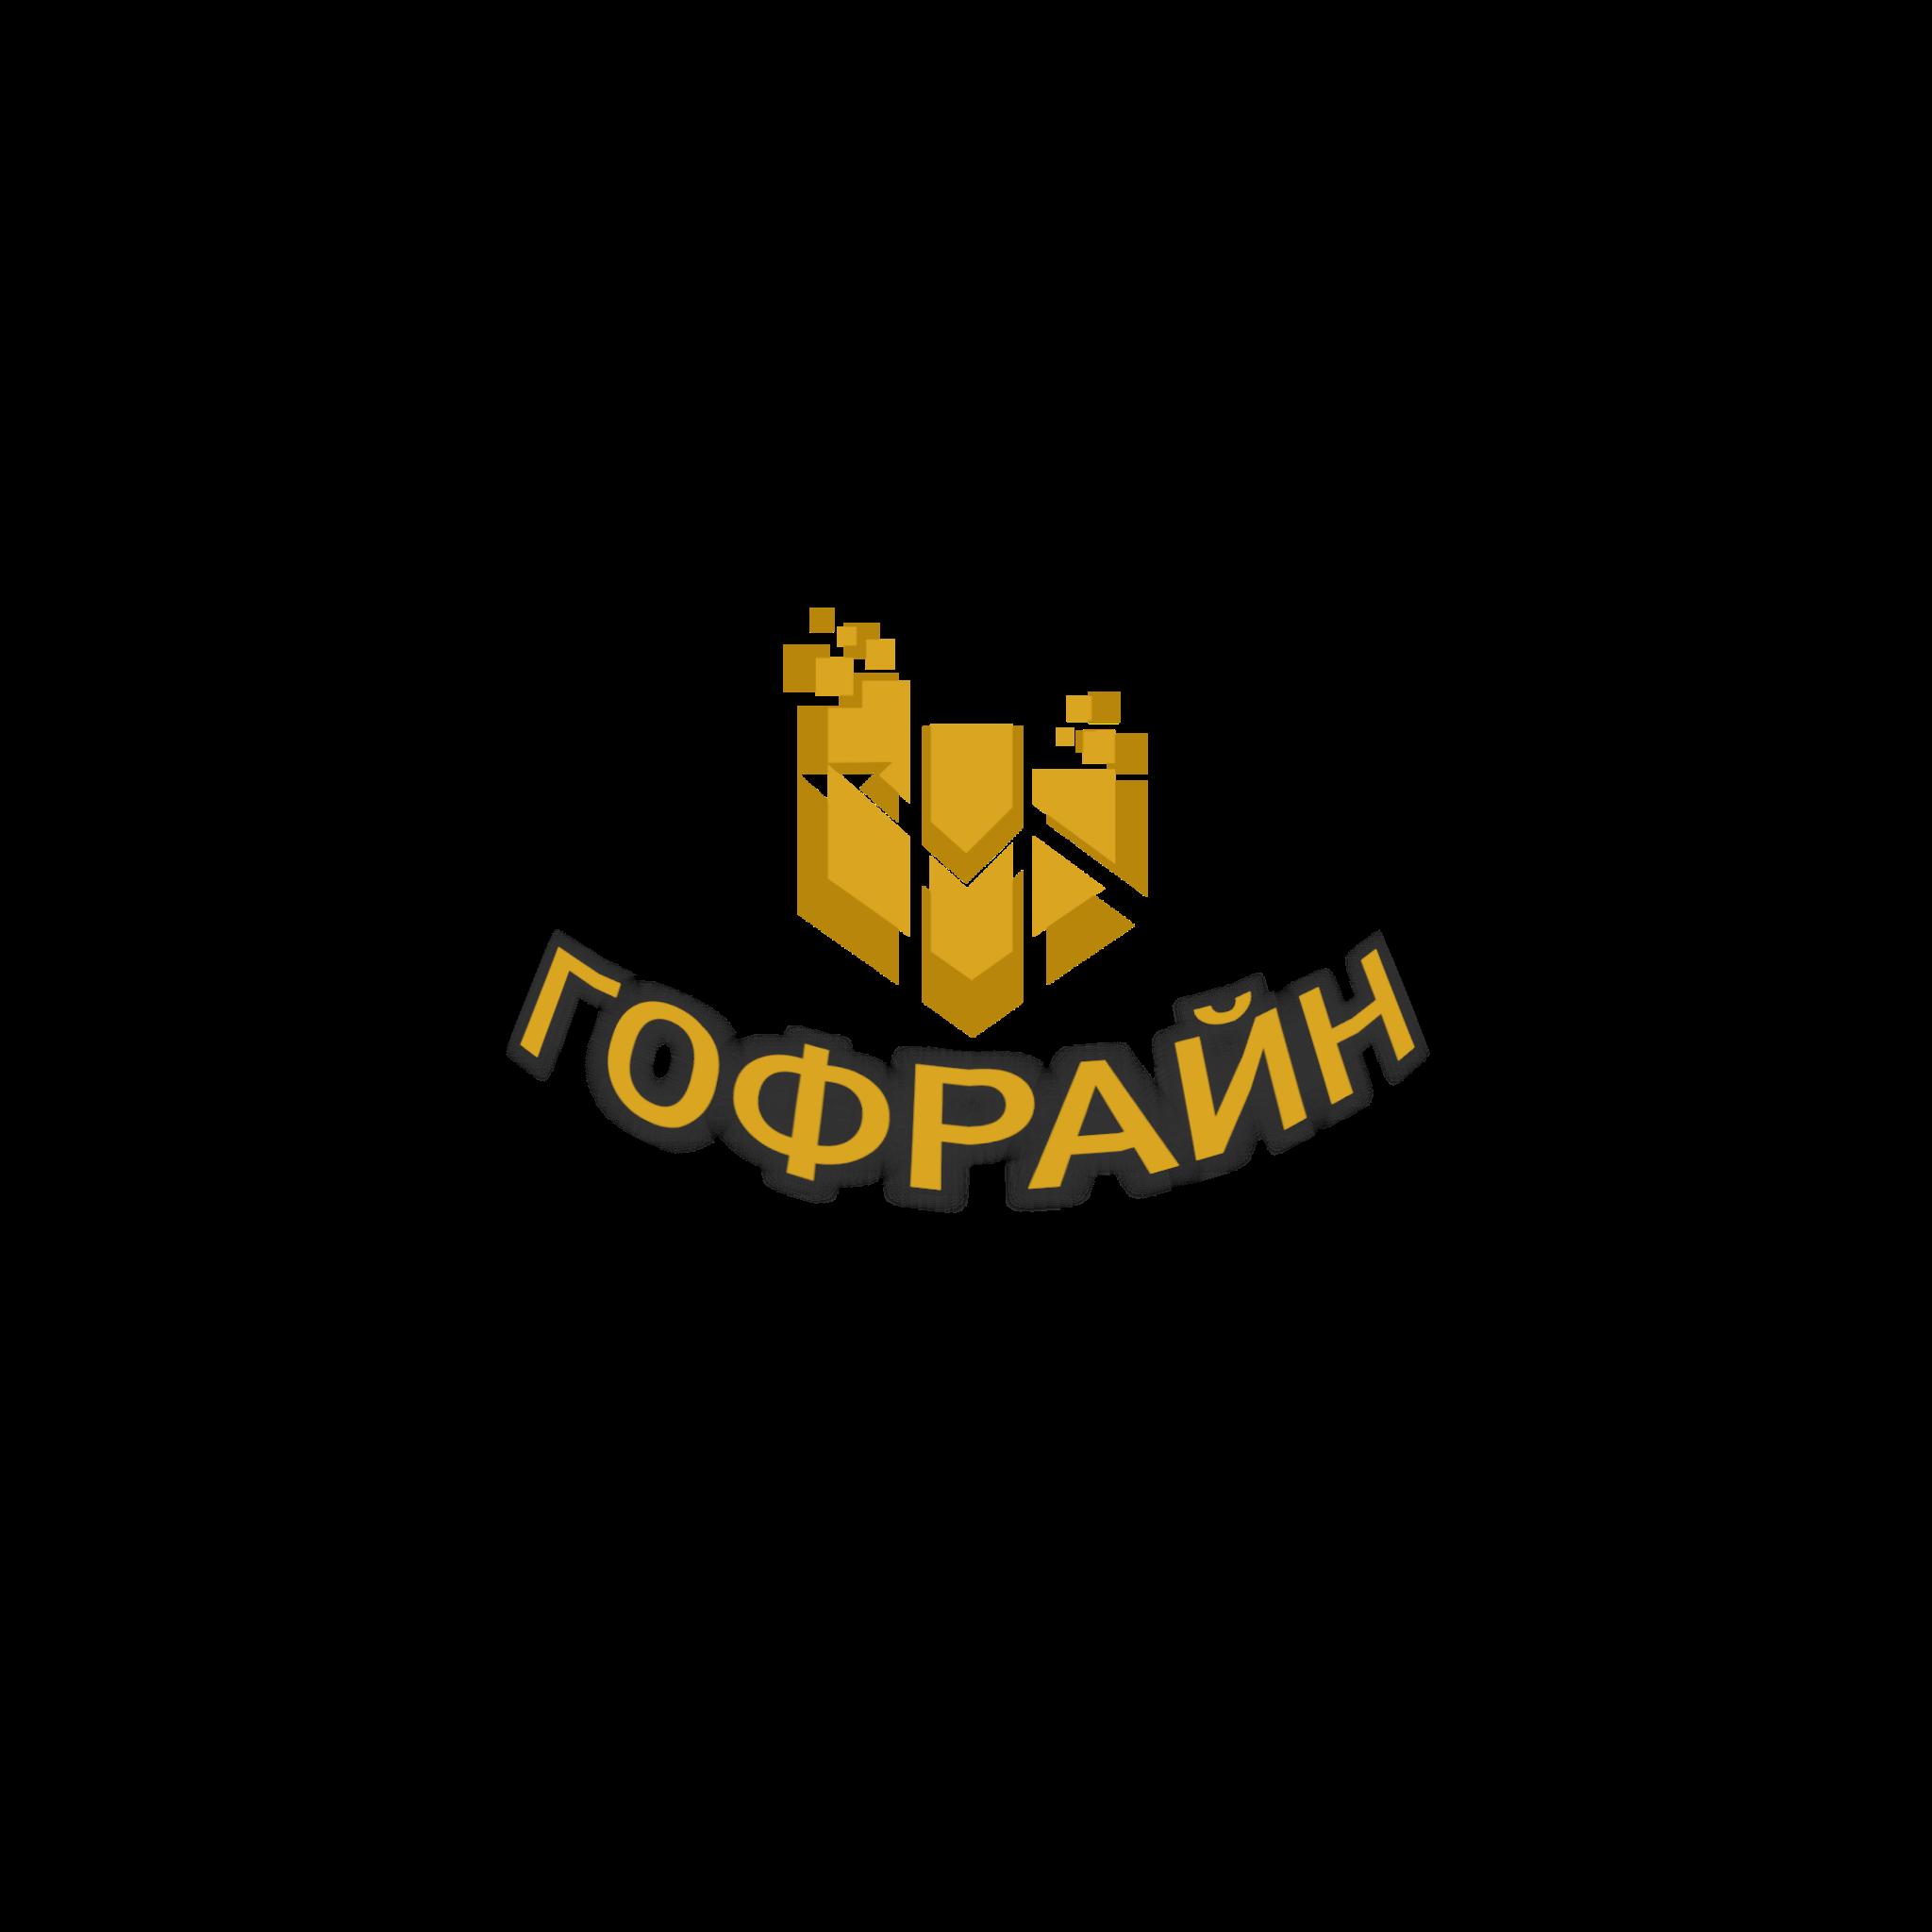 Логотип для компании по реализации упаковки из гофрокартона фото f_3835cdbe8fd16182.png